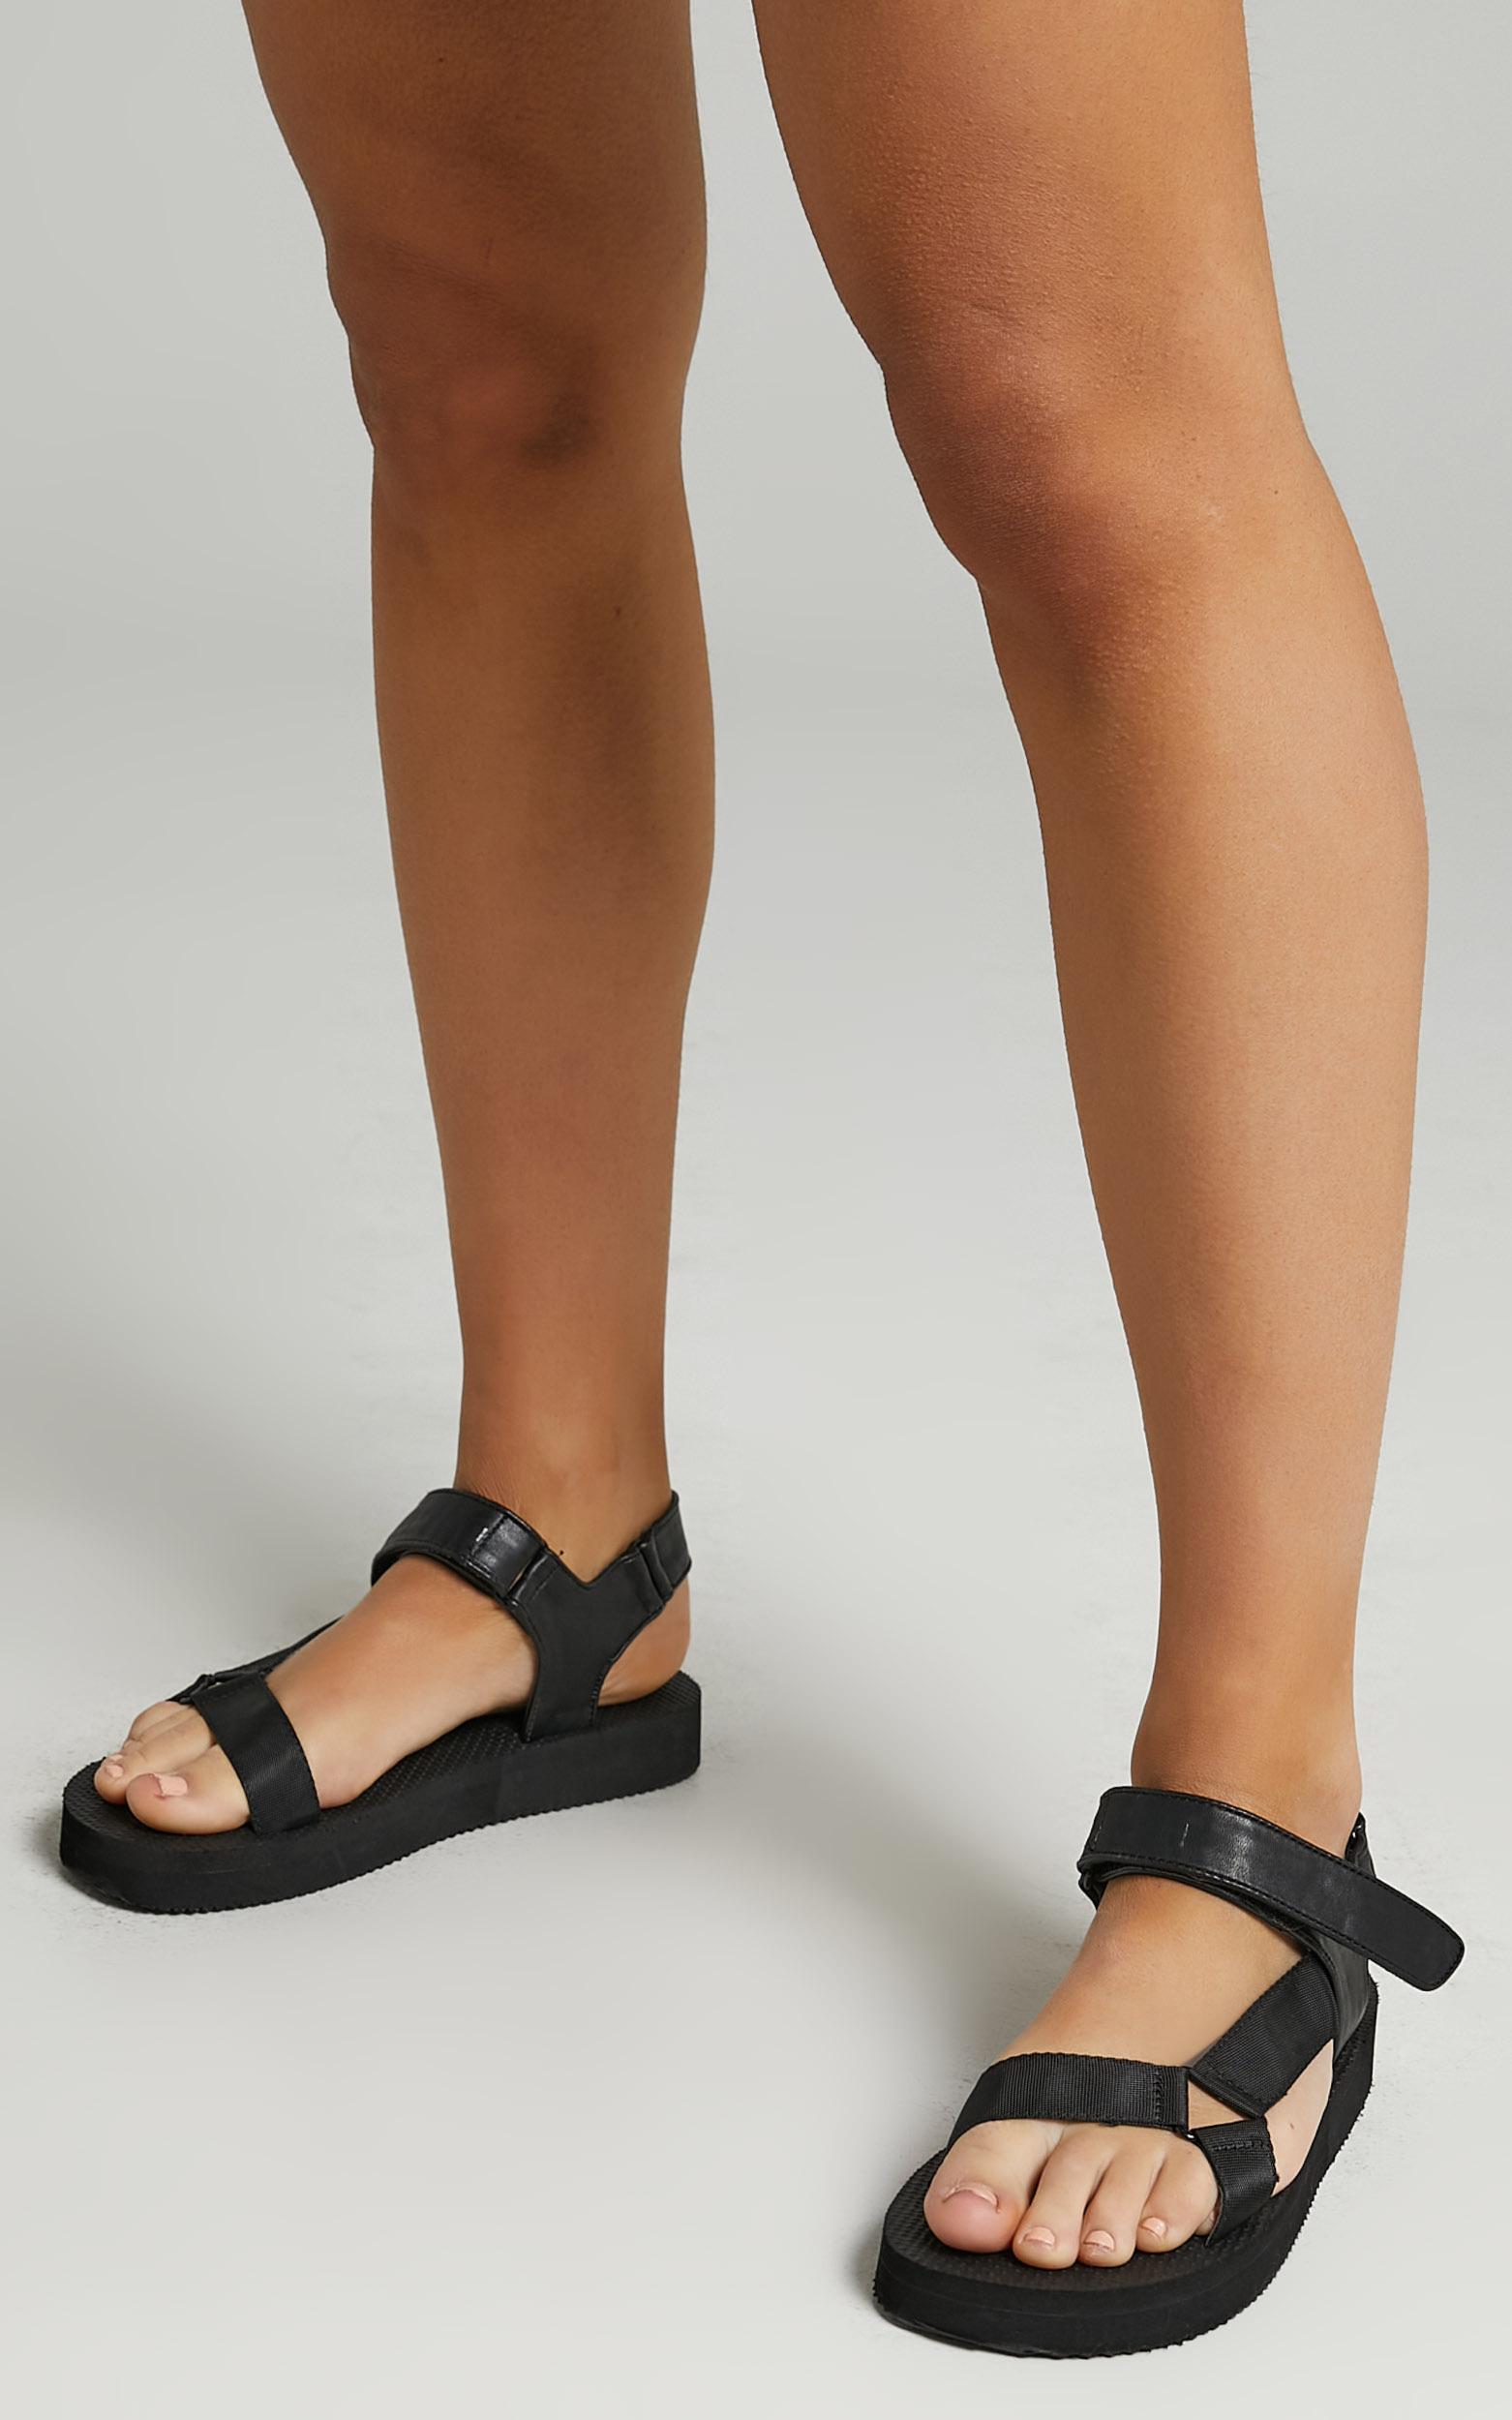 Public Desire - Threat Sandals in Black - 05, BLK1, hi-res image number null